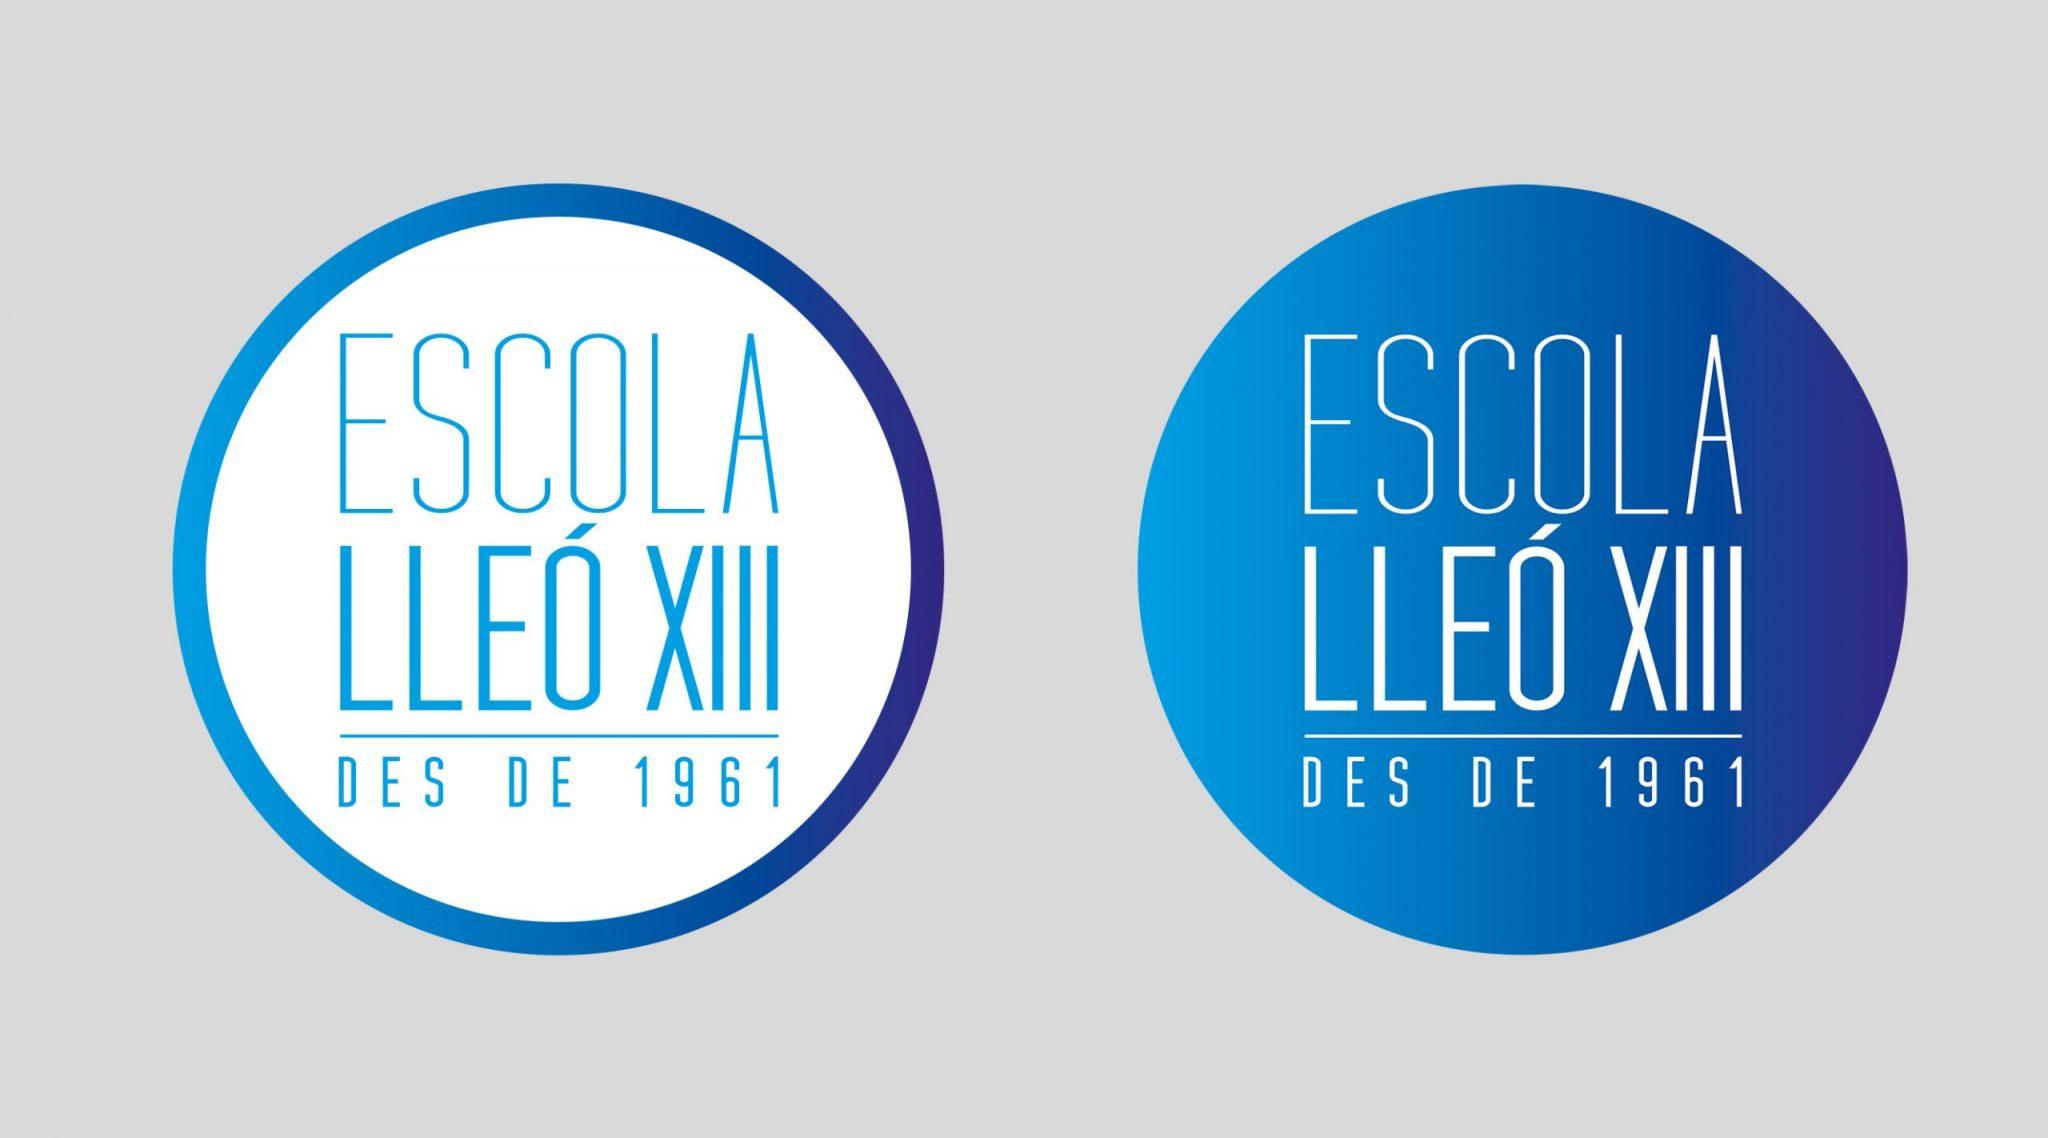 Logotipo Escola LleóXIII